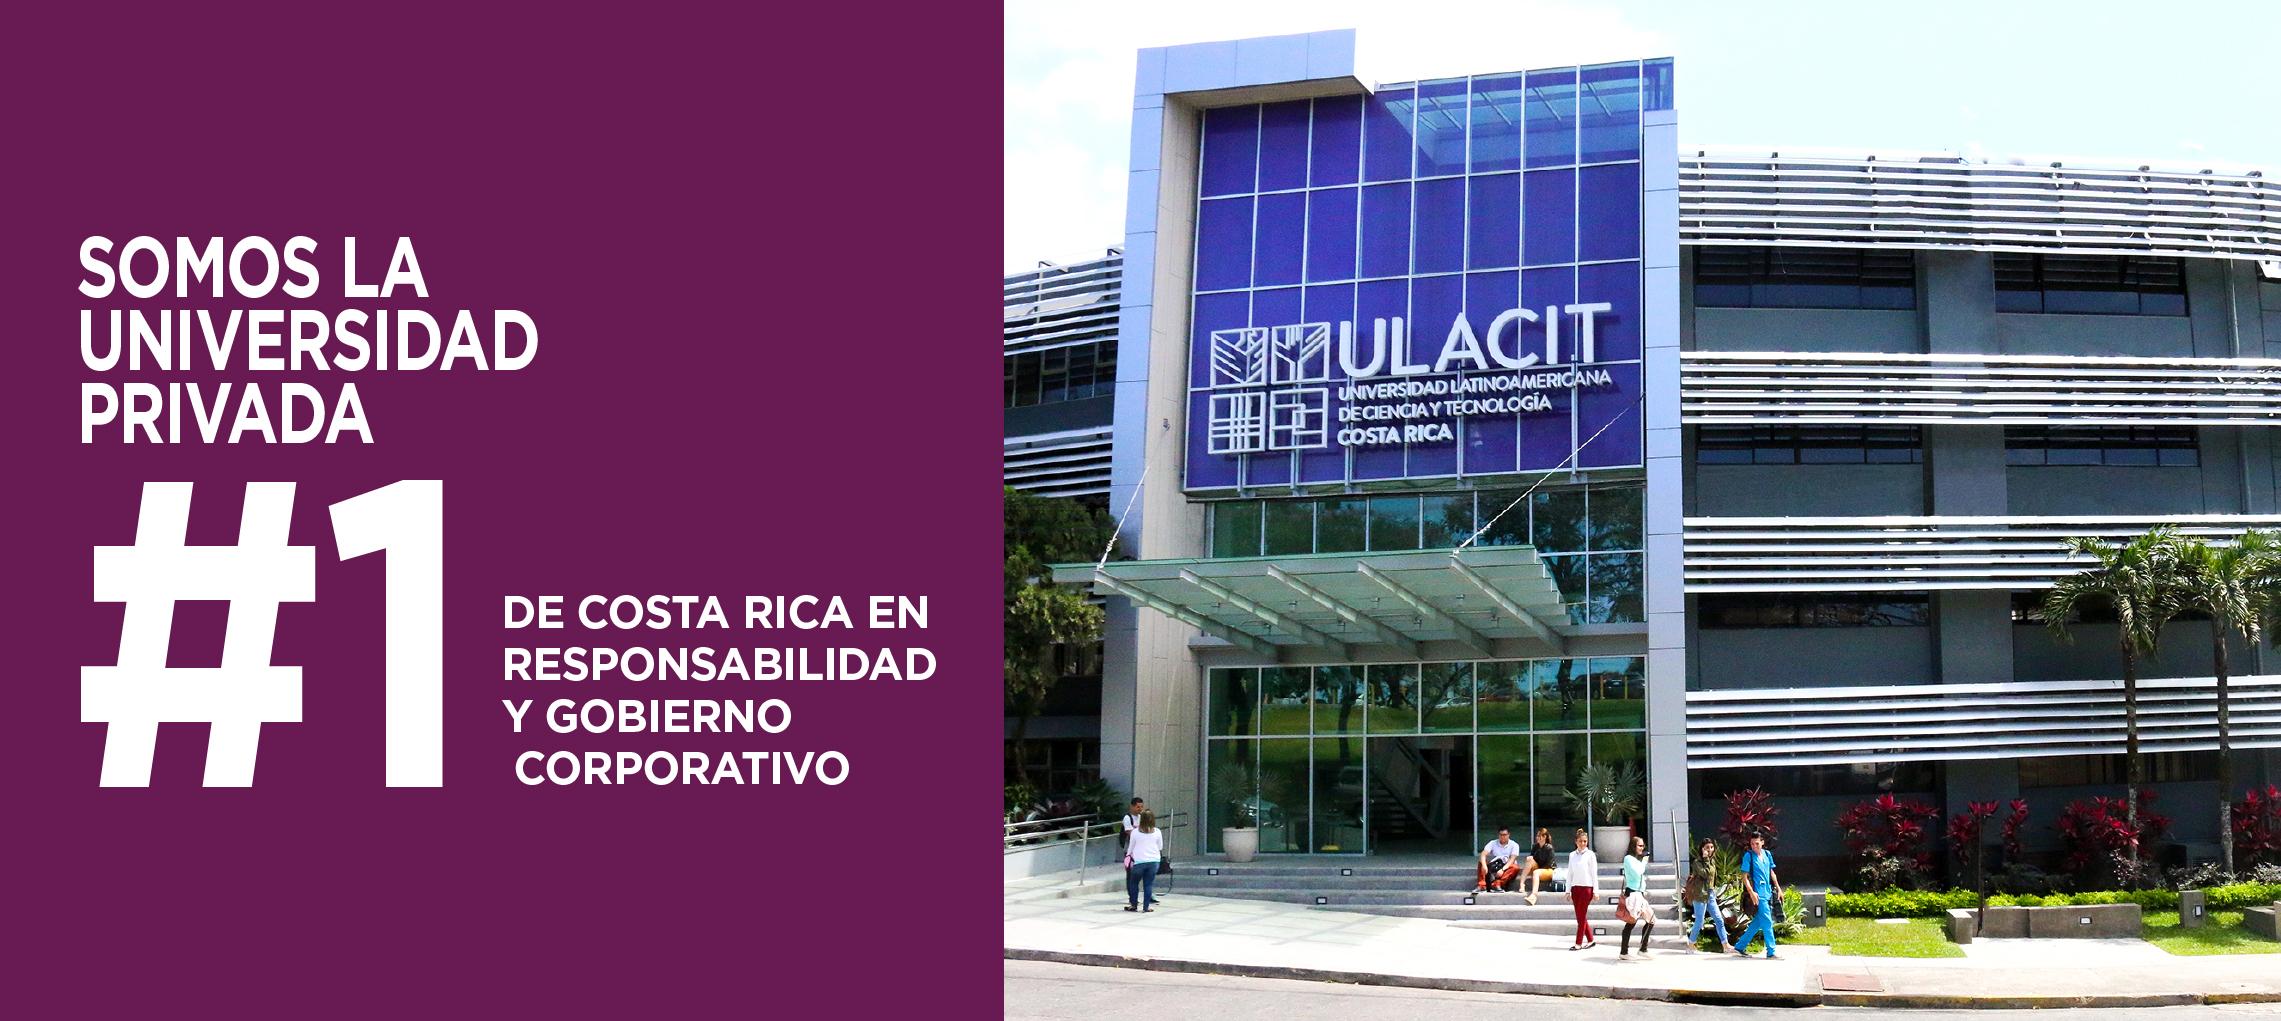 ULACIT es la mejor universidad privada del país en el índice de Responsabilidad y Gobierno Corporativo